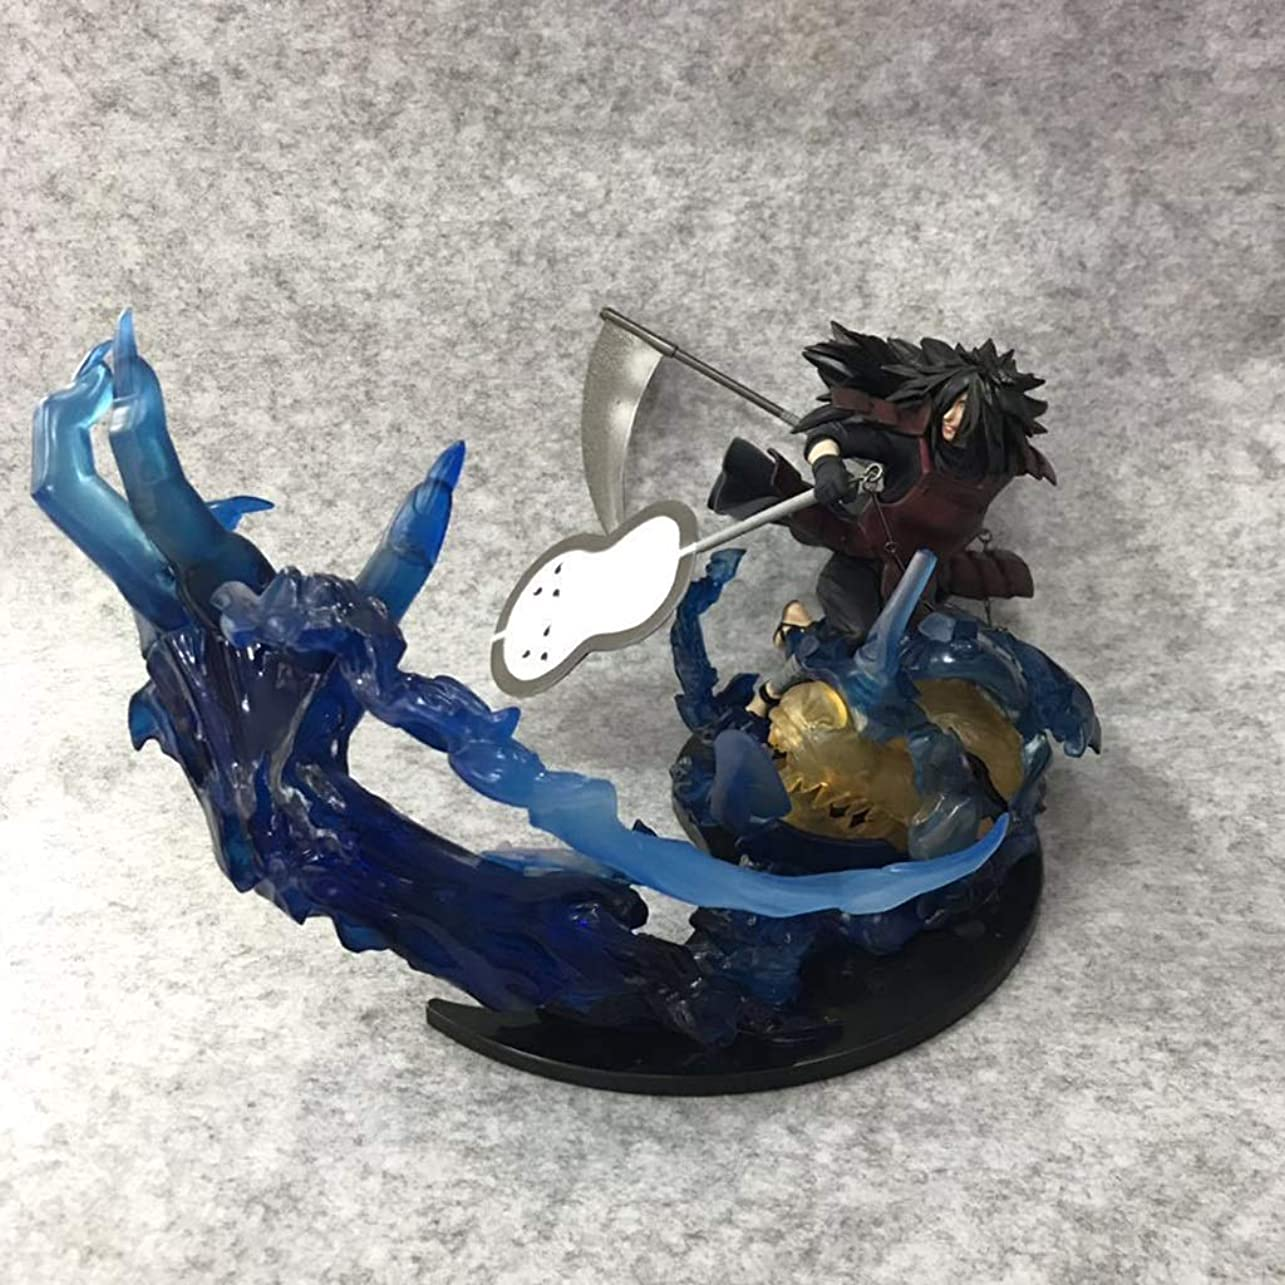 変位努力する現実アニメNARUTO - ナルト - モデル、SGの炎うちはスポット、子供用おもちゃコレクションの像、デスクトップの装飾玩具像玩具モデルPVC(18cm) SHWSM